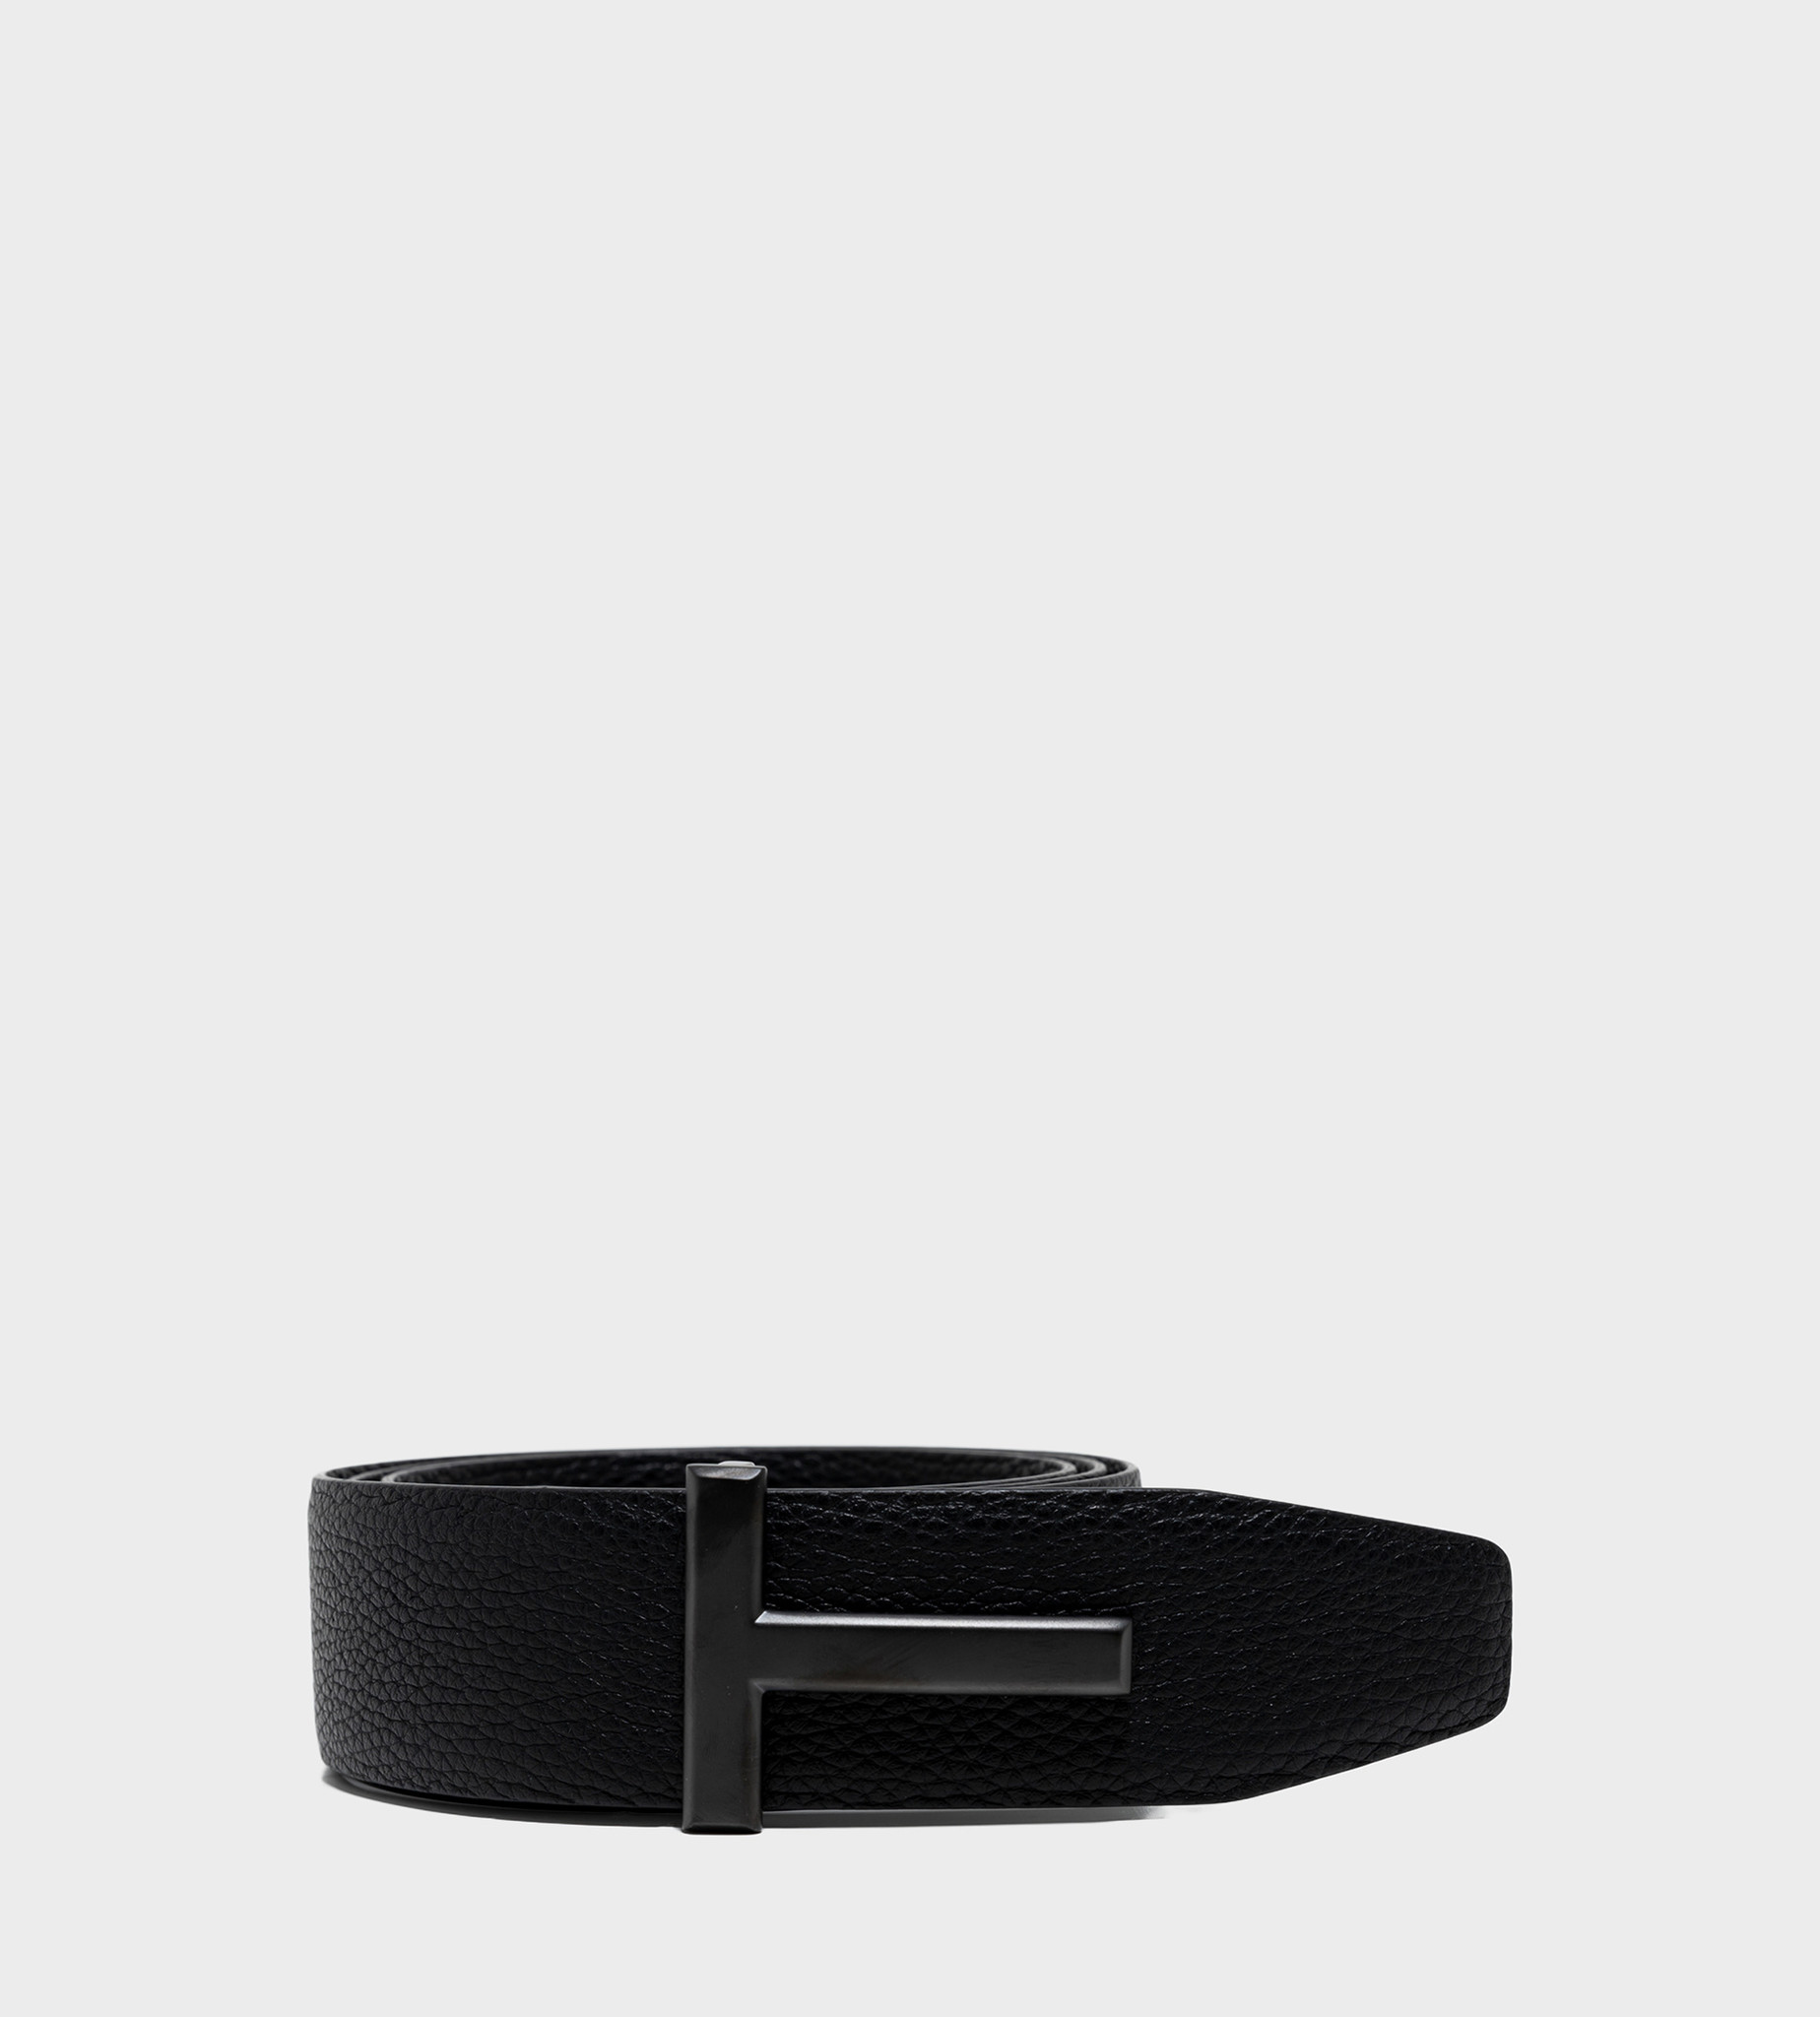 TOM FORD T Leather Belt Black